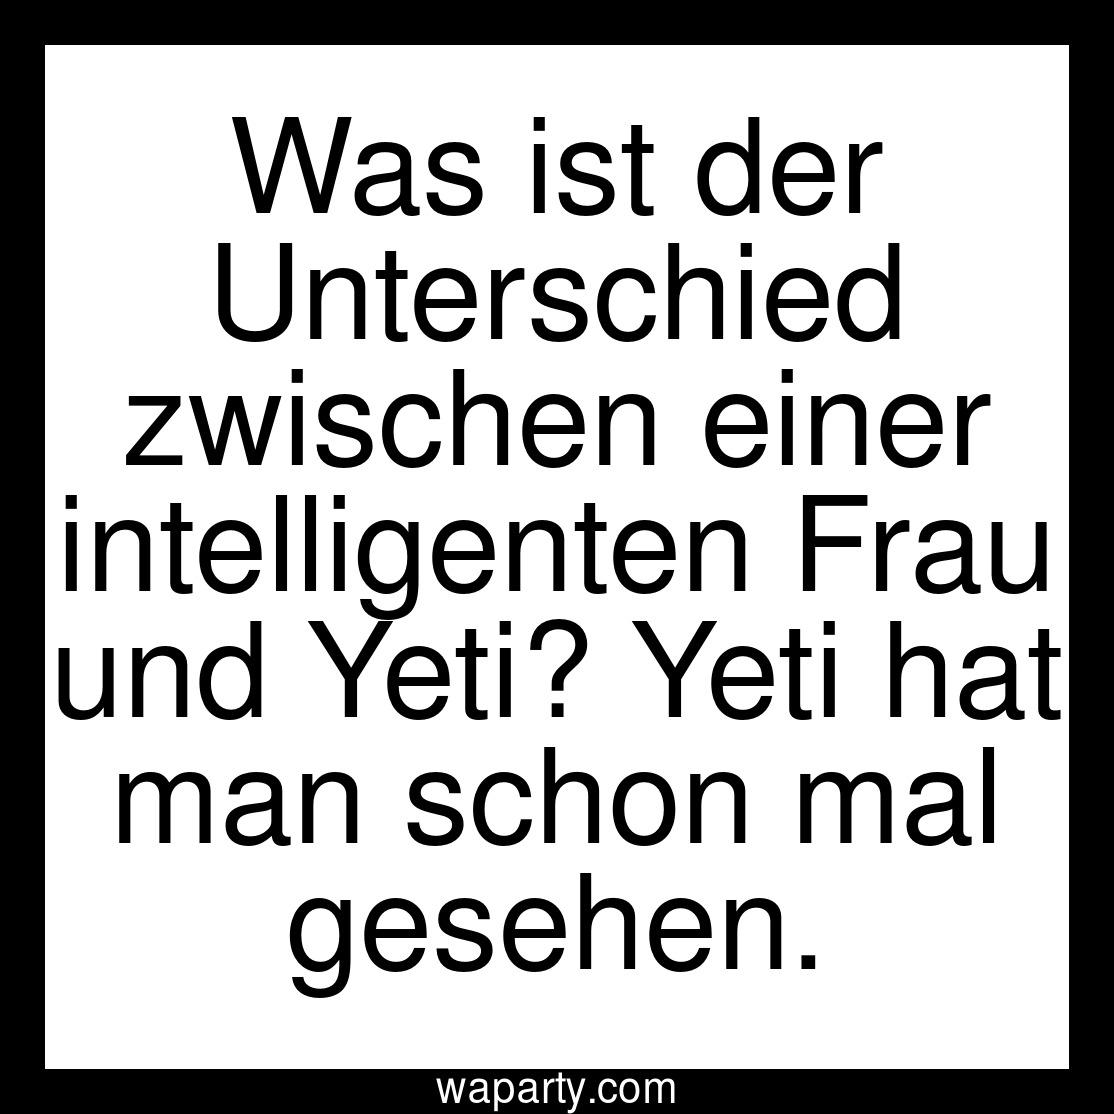 Was ist der Unterschied zwischen einer intelligenten Frau und Yeti? Yeti hat man schon mal gesehen.